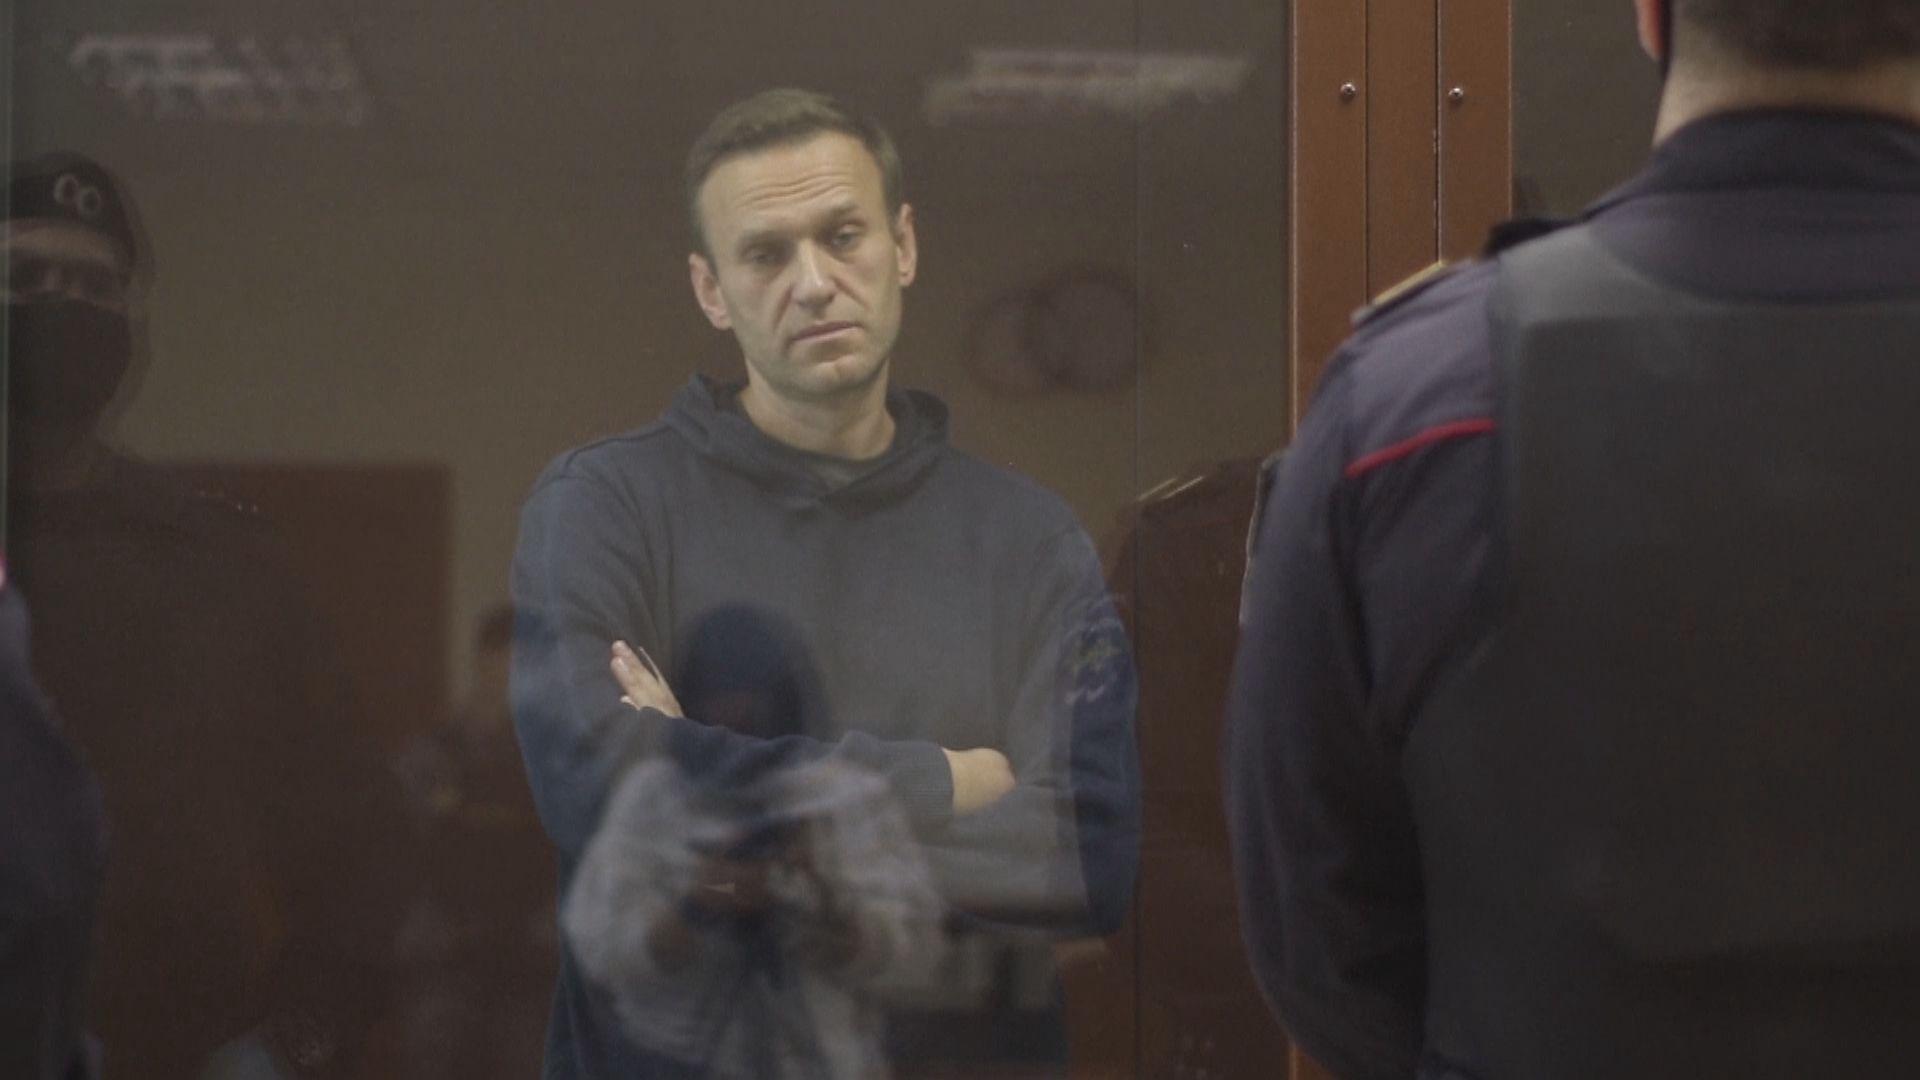 納瓦爾尼再上庭就誹謗罪名受審